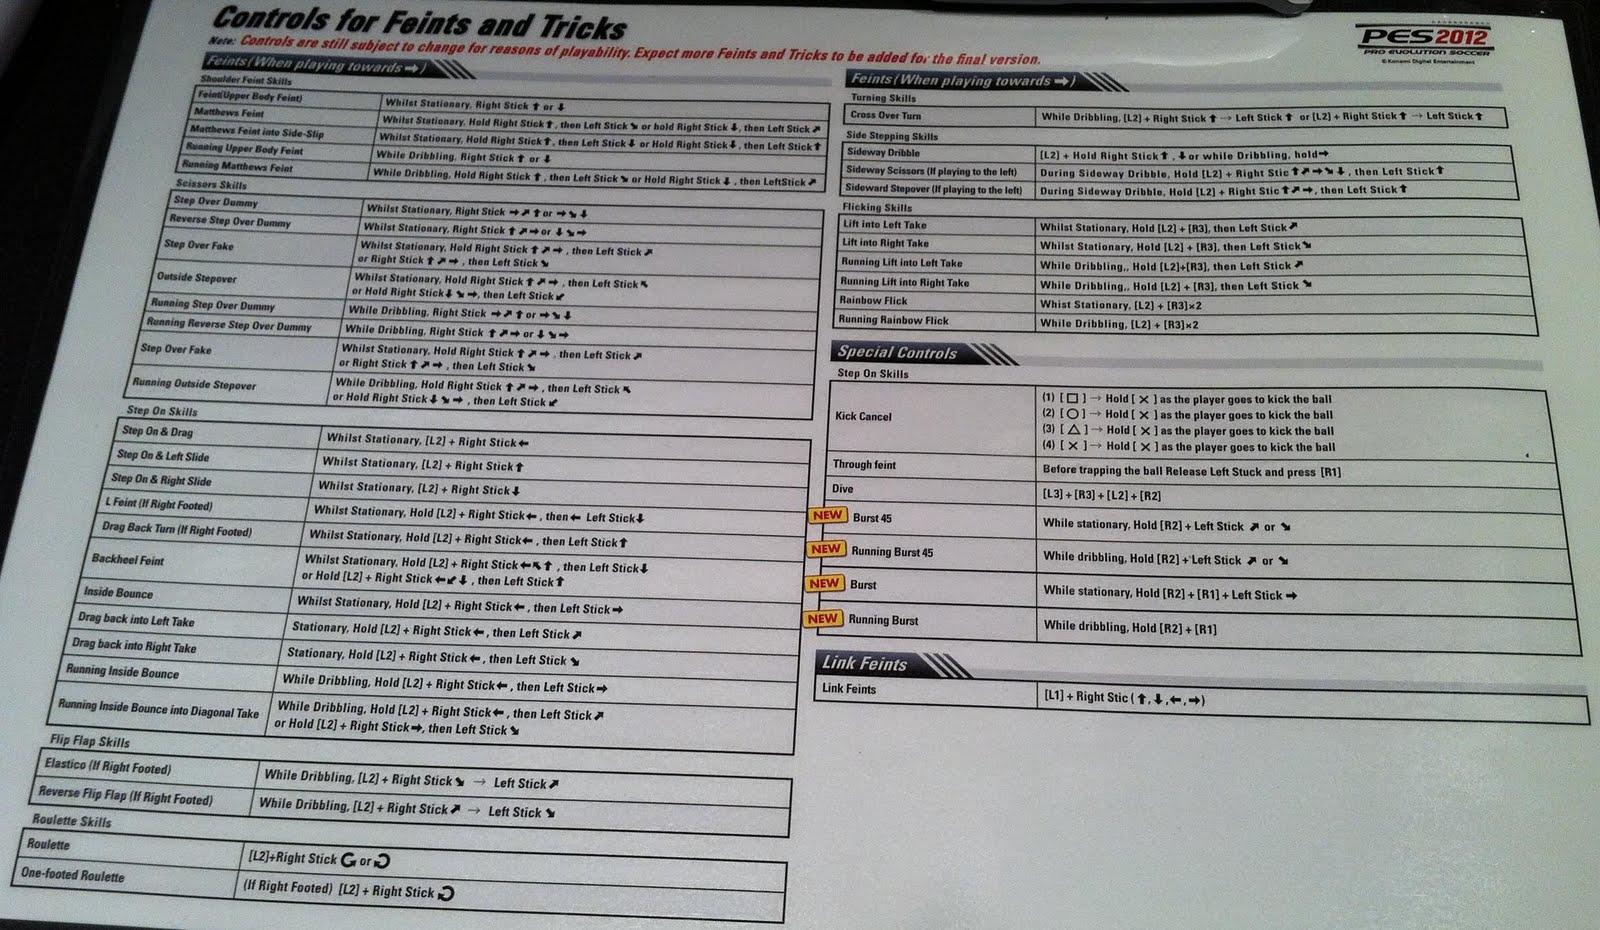 PES 2012 CONTROLS PDF